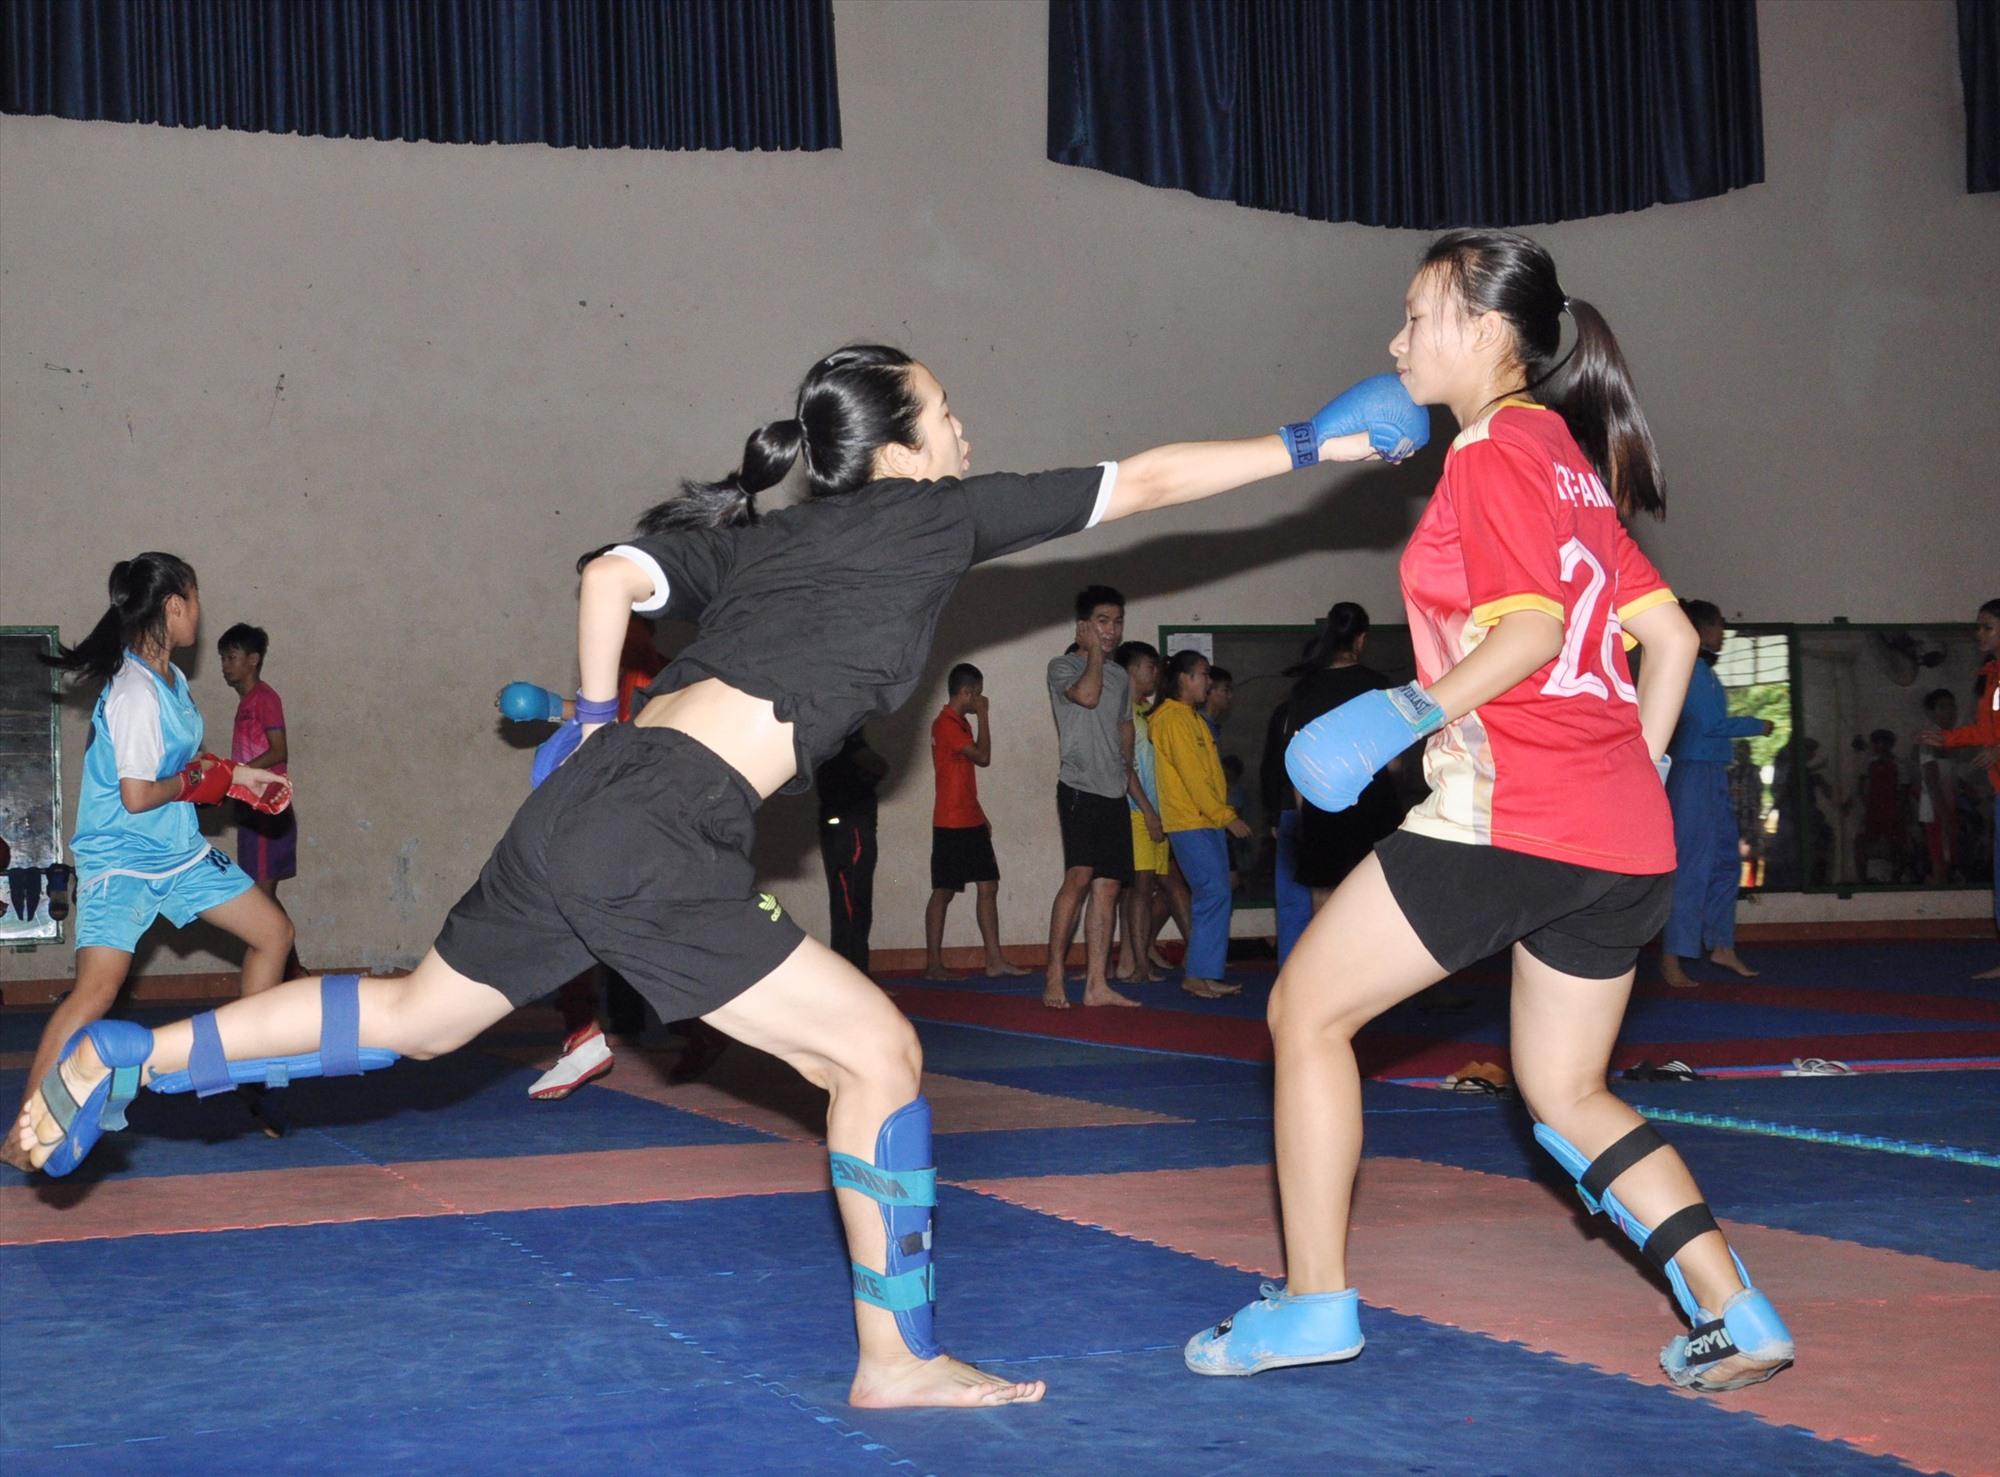 Các vận động viên đội tuyển Karatedo tập luyện trong điều kiện thiếu thốn trang thiết bị và chật chội. Ảnh: T.V